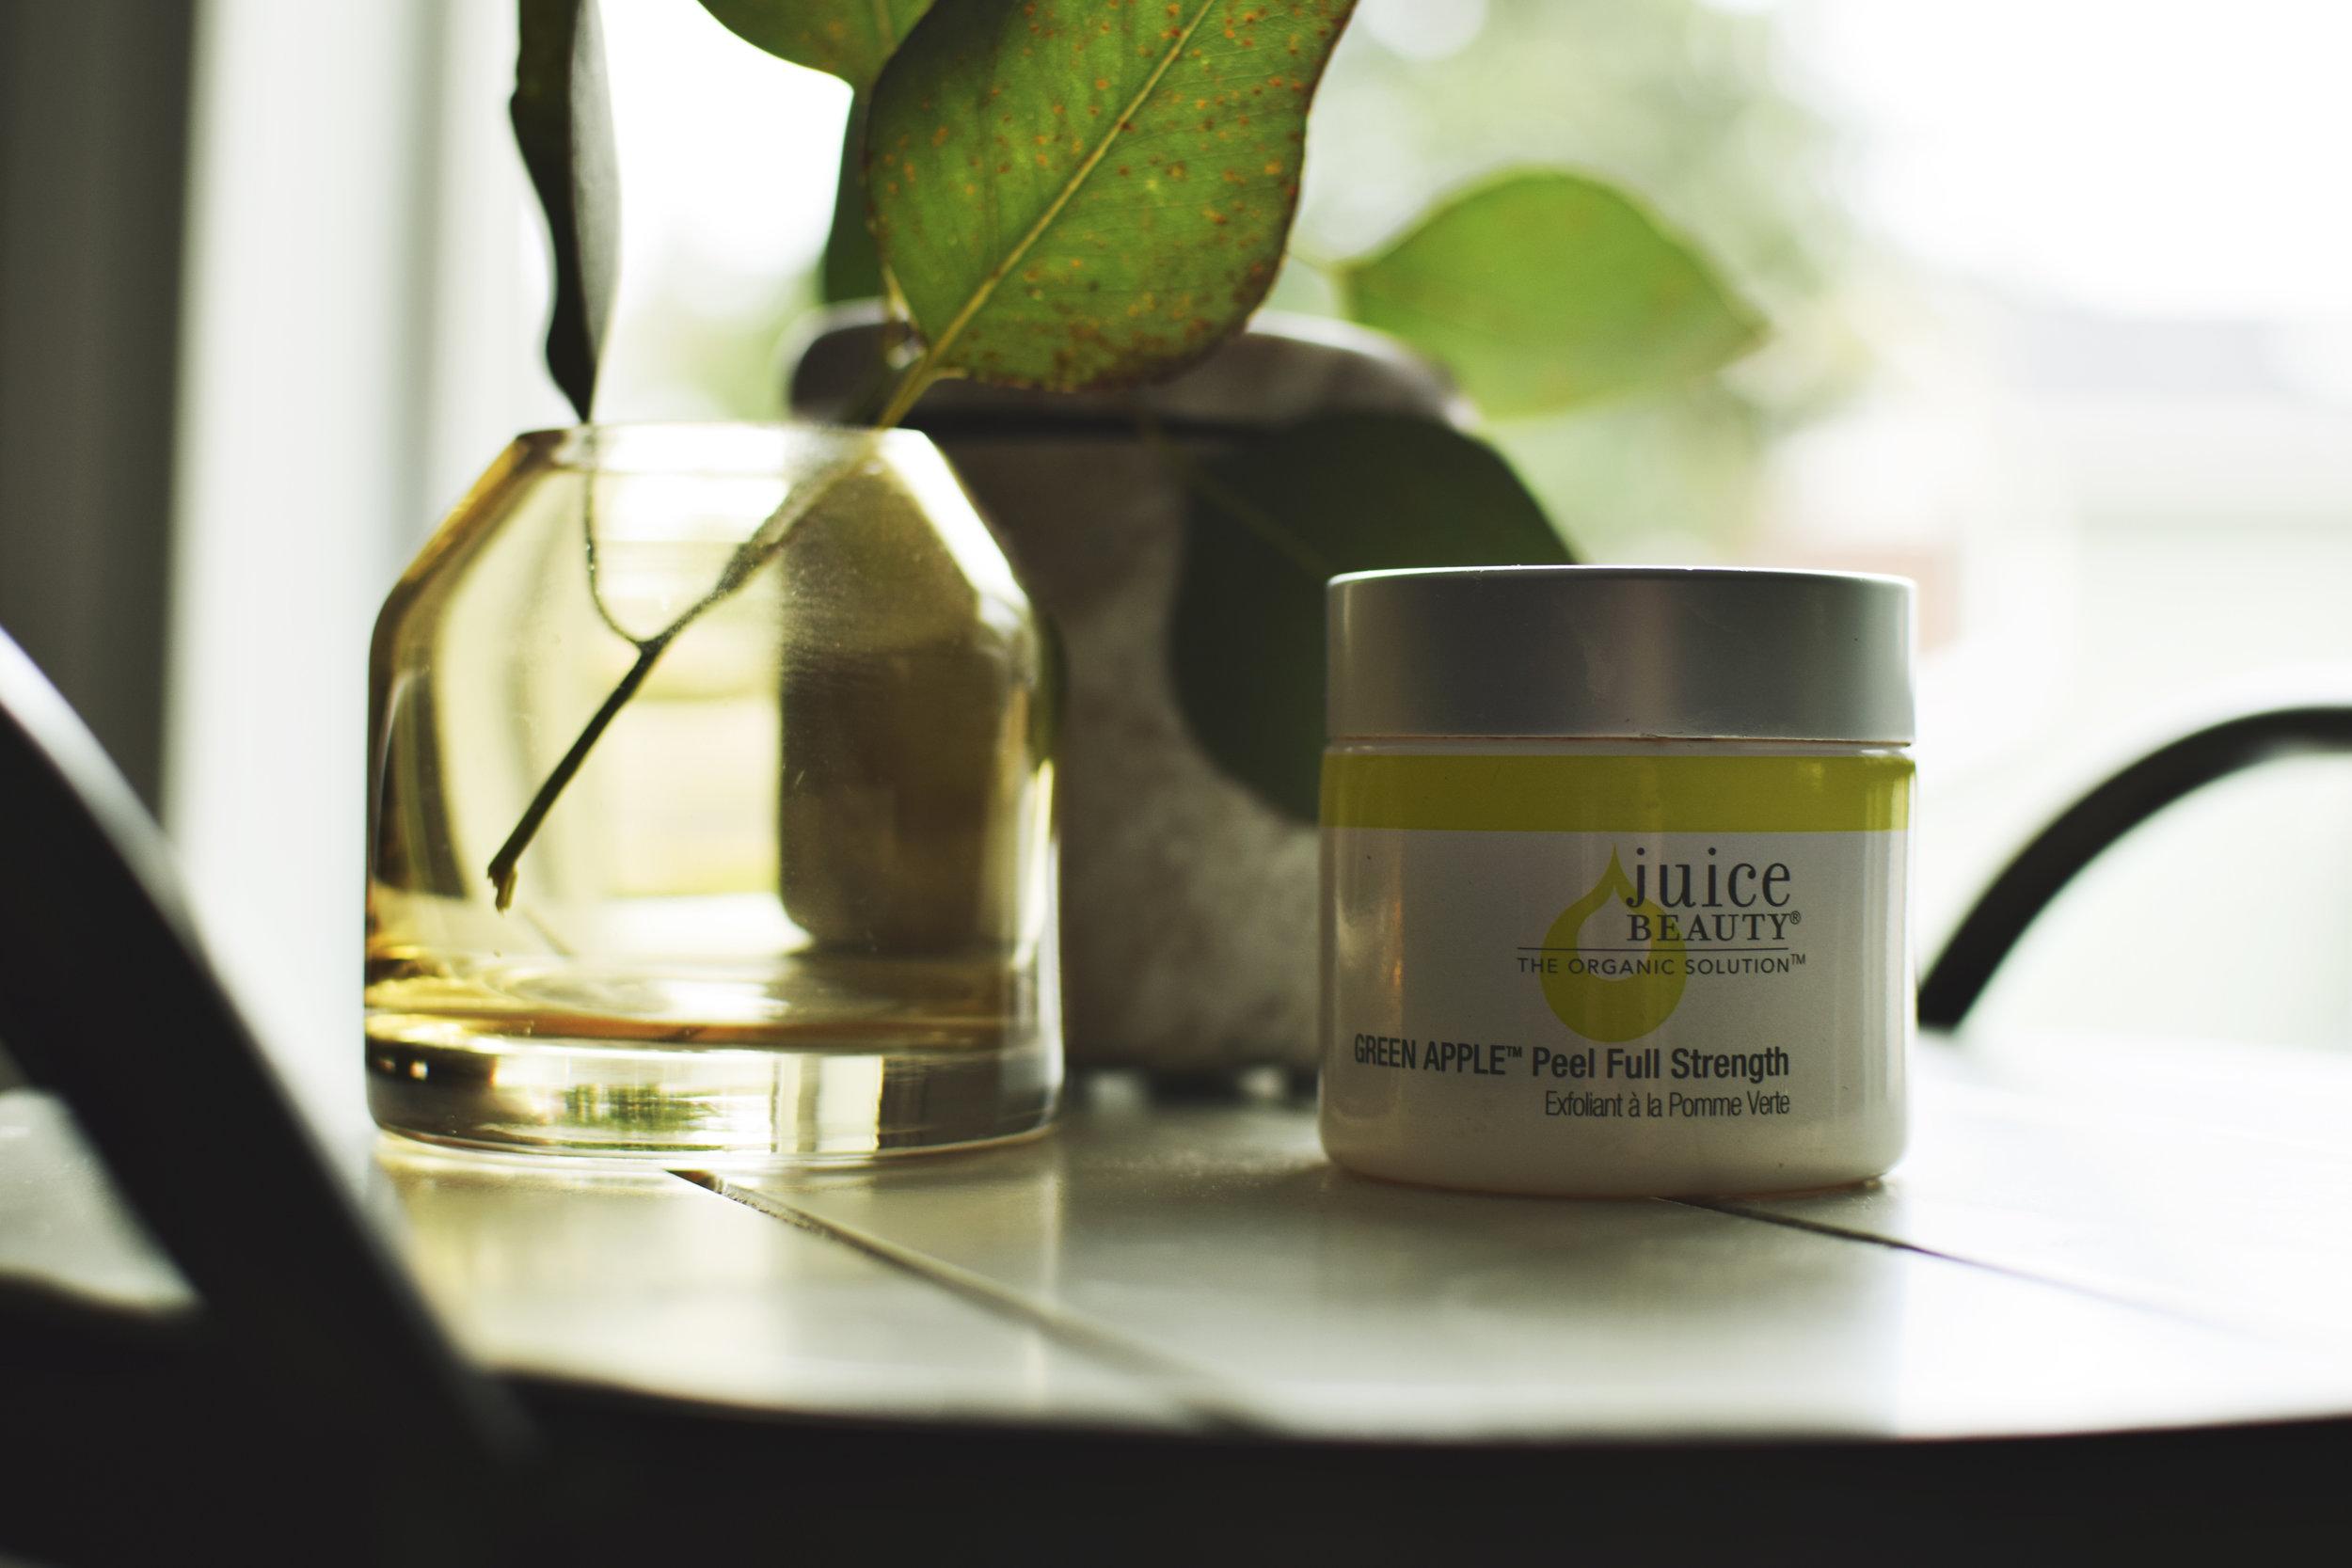 juice beauty edit 1.jpg